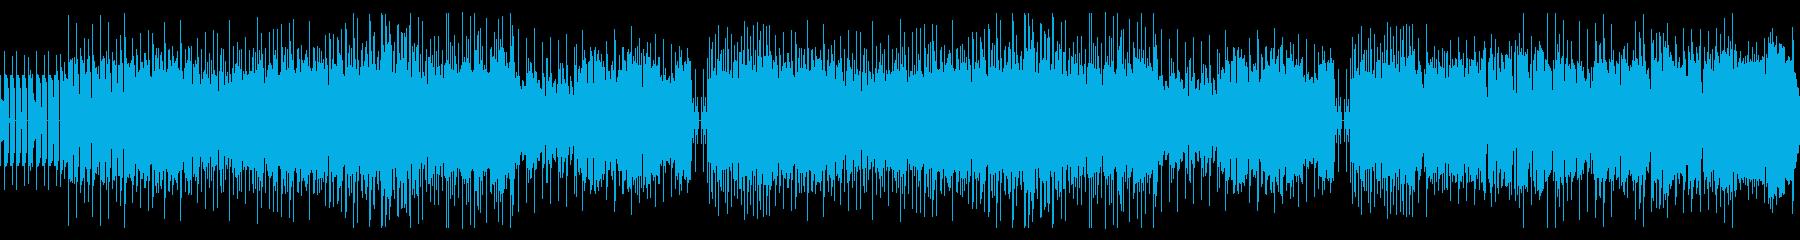 【ループ】メガドライブ音源 明るく軽快の再生済みの波形